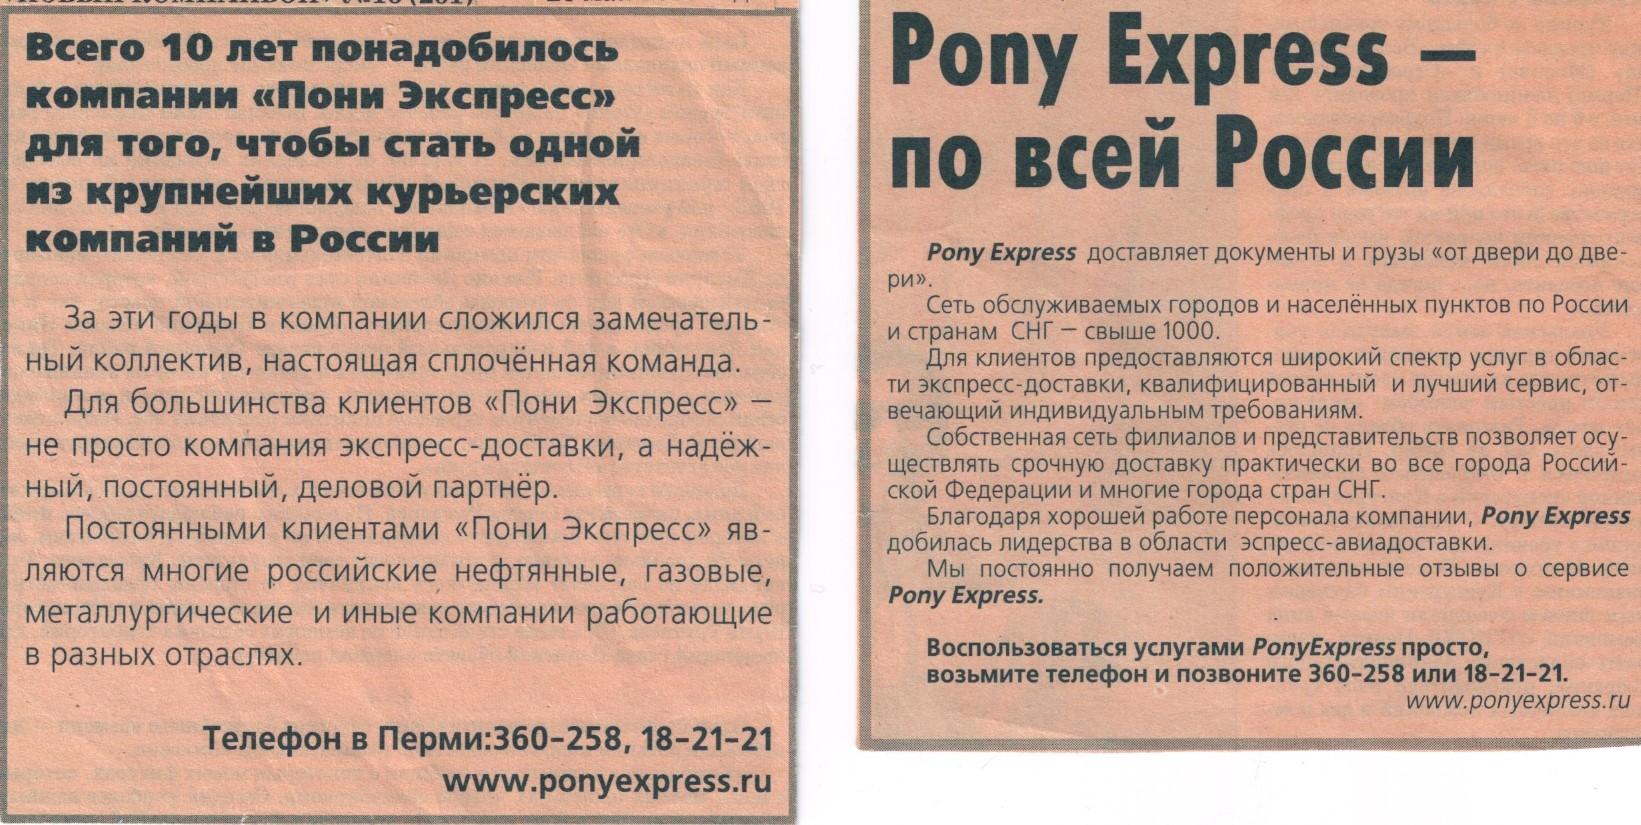 Реклма Пони Экспресс